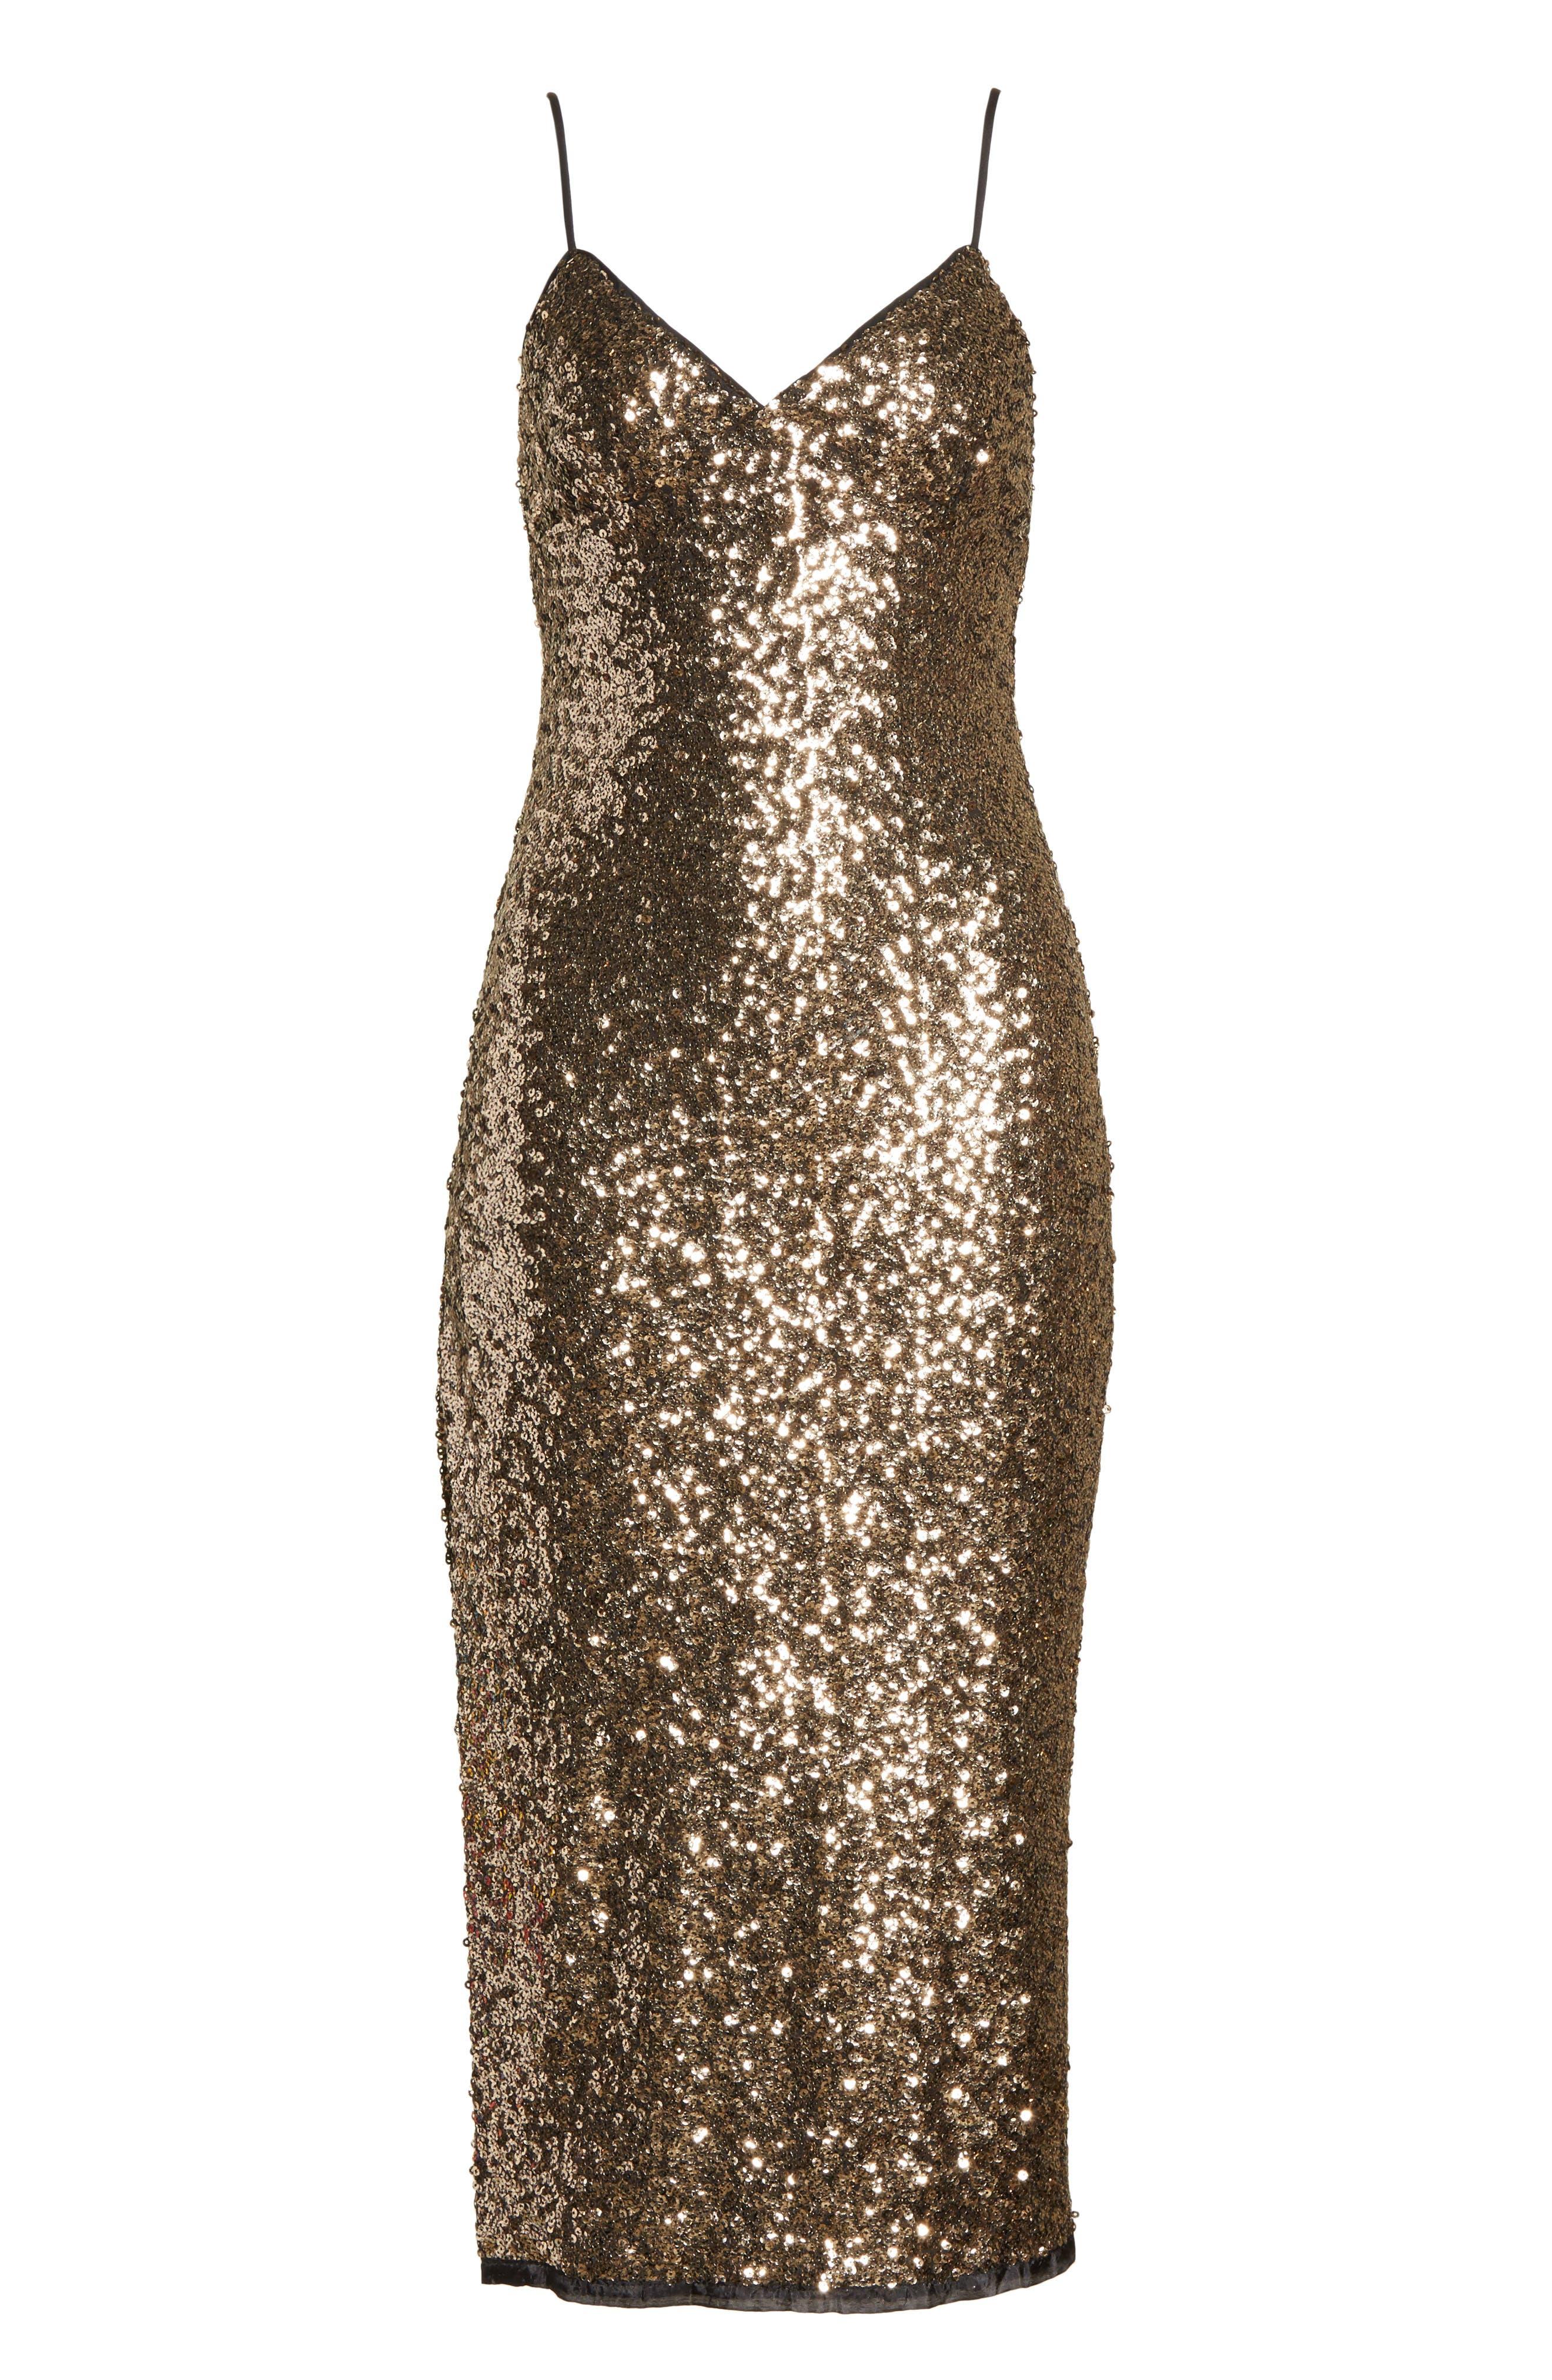 Alexis Sequin Camisole Dress,                             Alternate thumbnail 6, color,